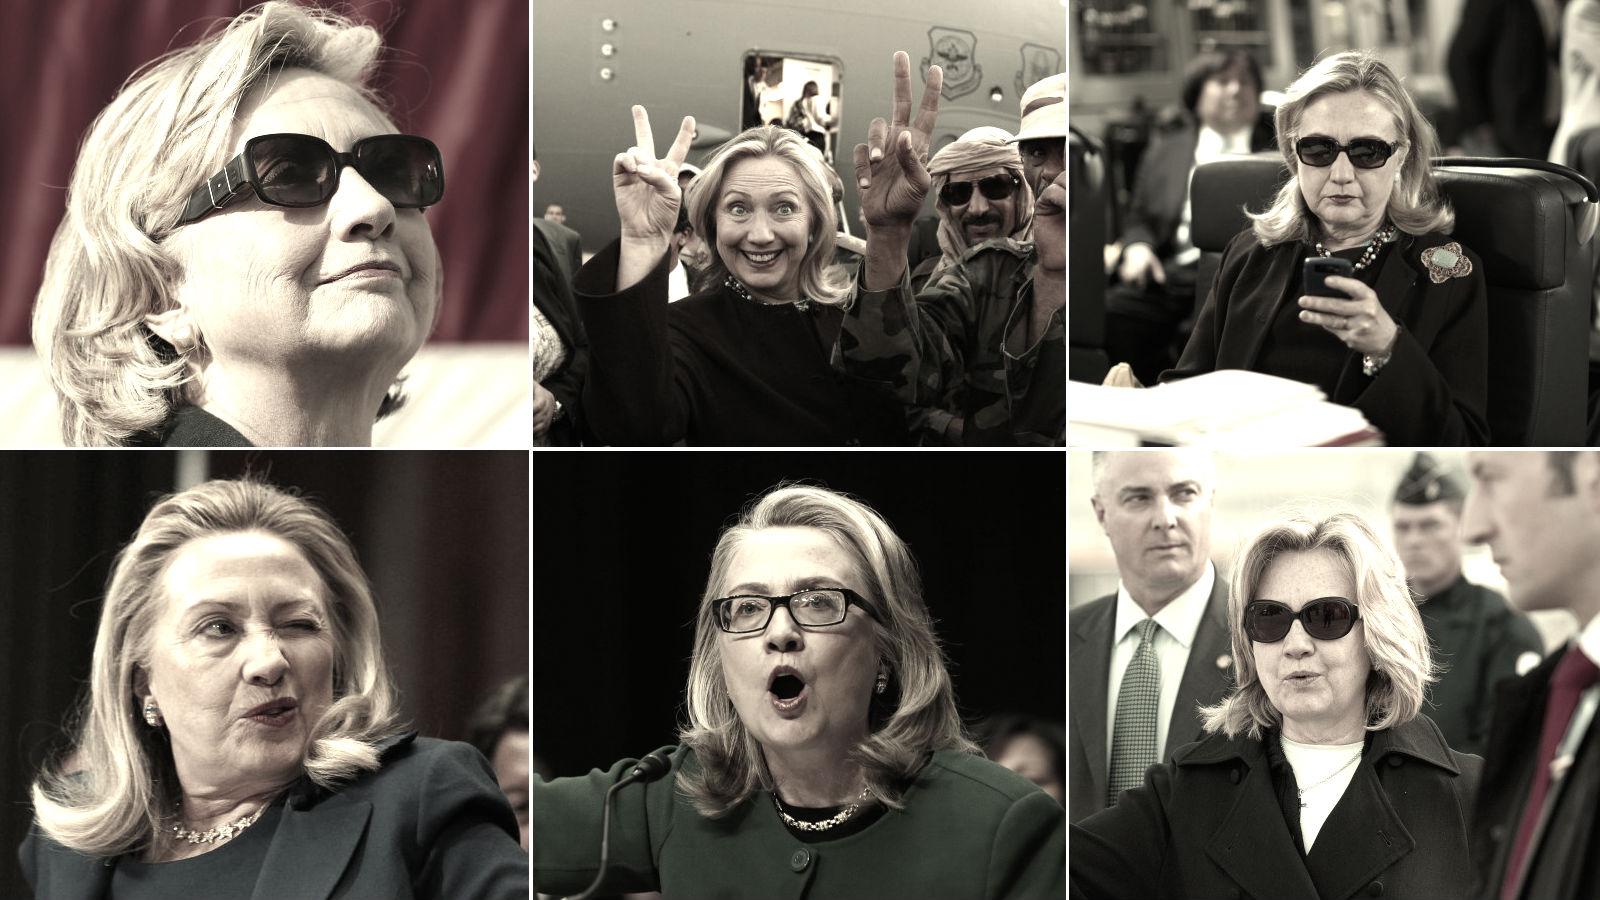 Headshot of Hillary Clinton